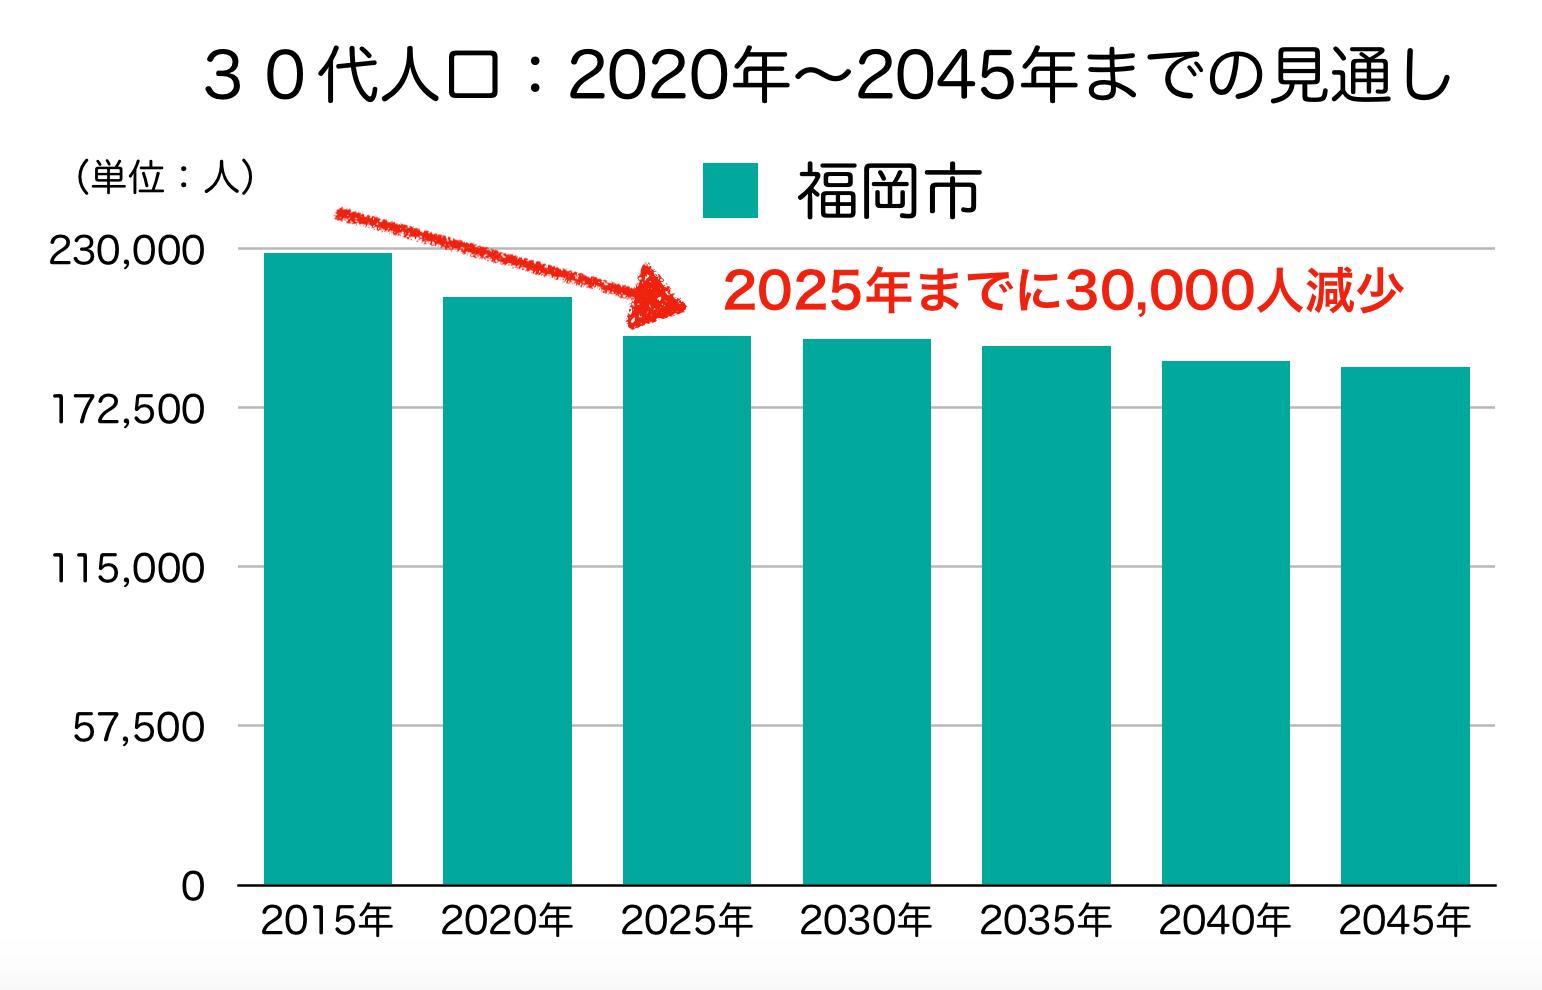 福岡市の30代人口の予測